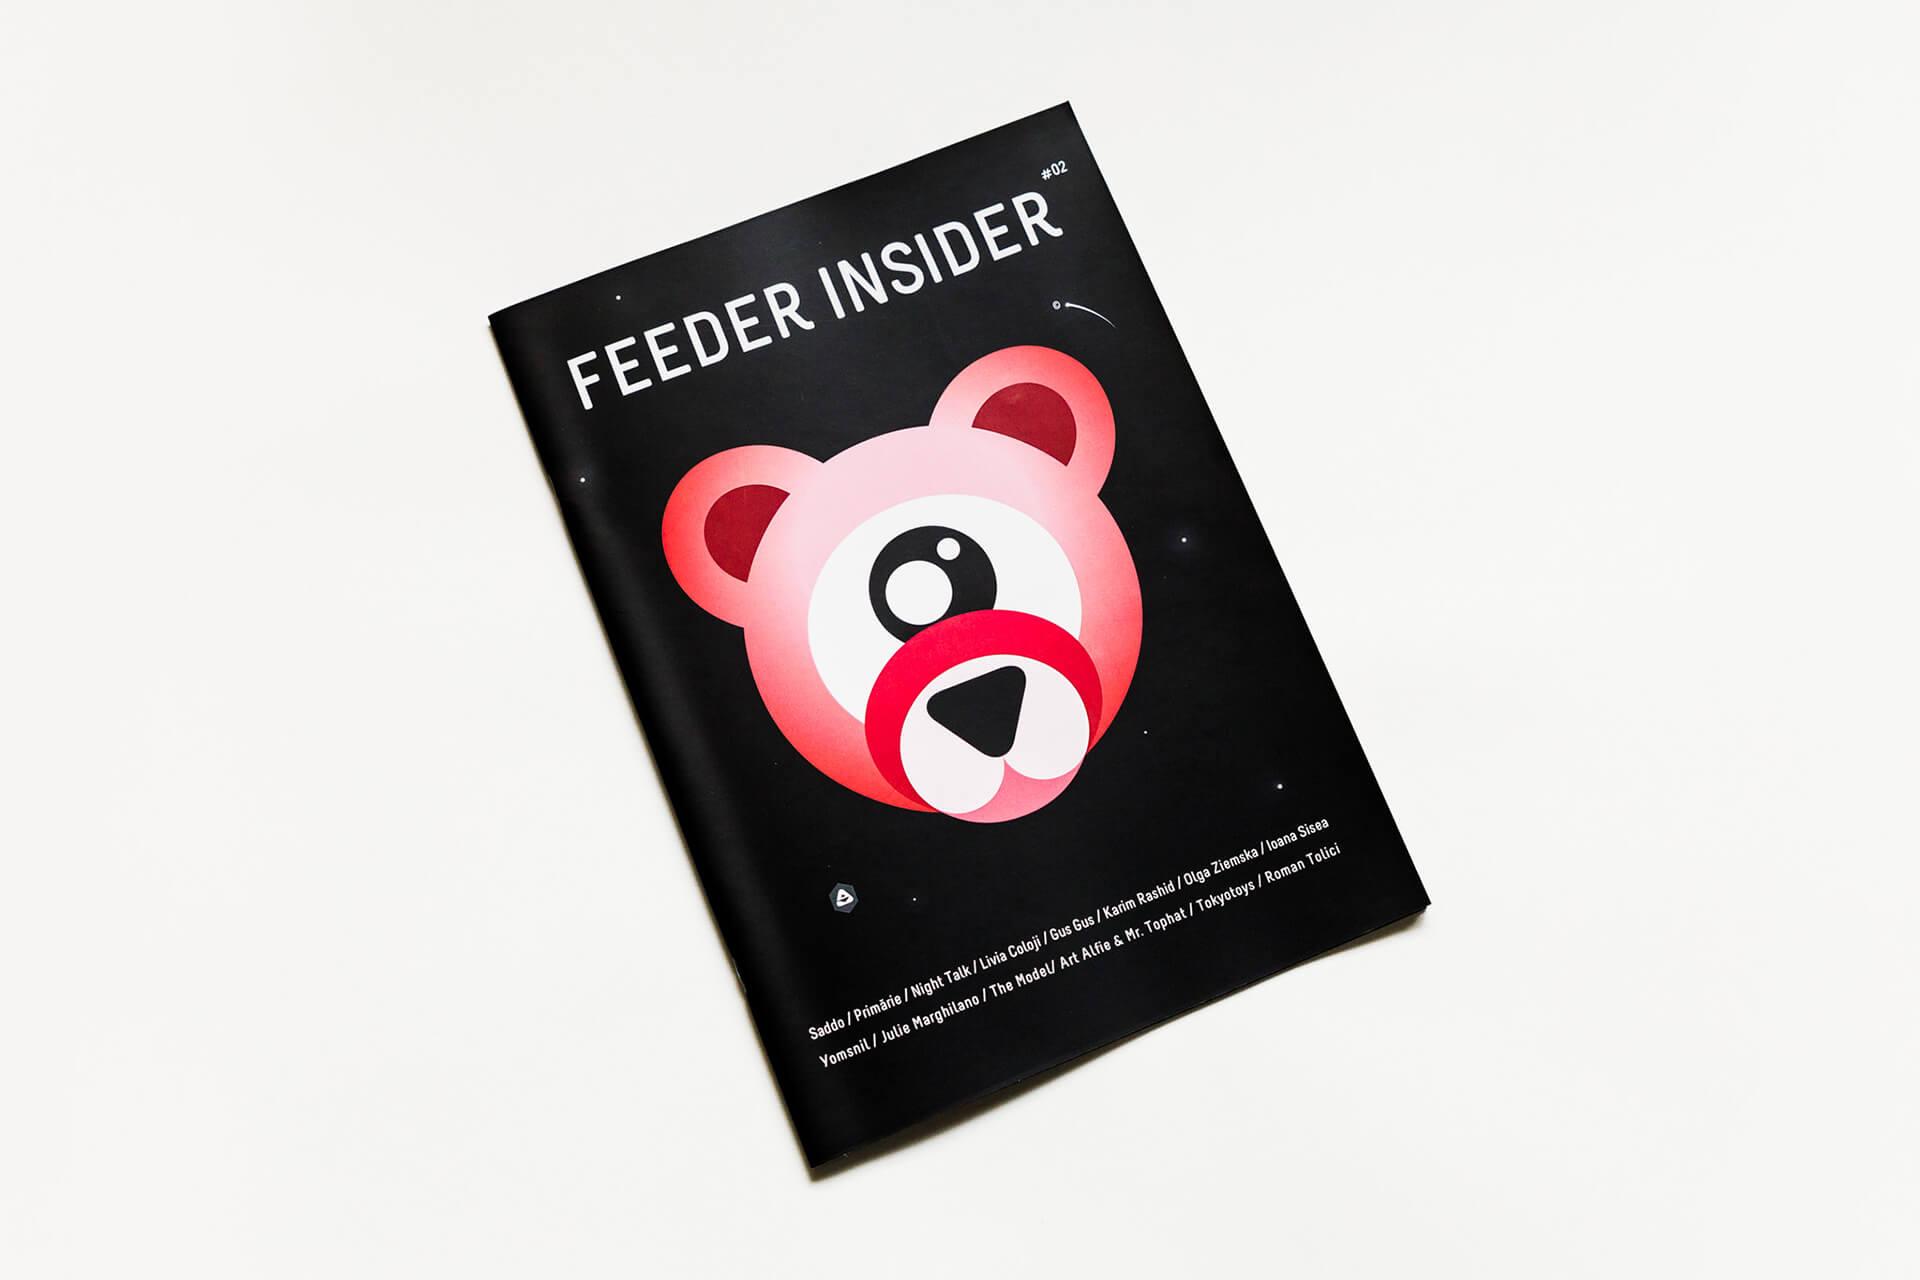 Booklet feeder insider 0.2 cover